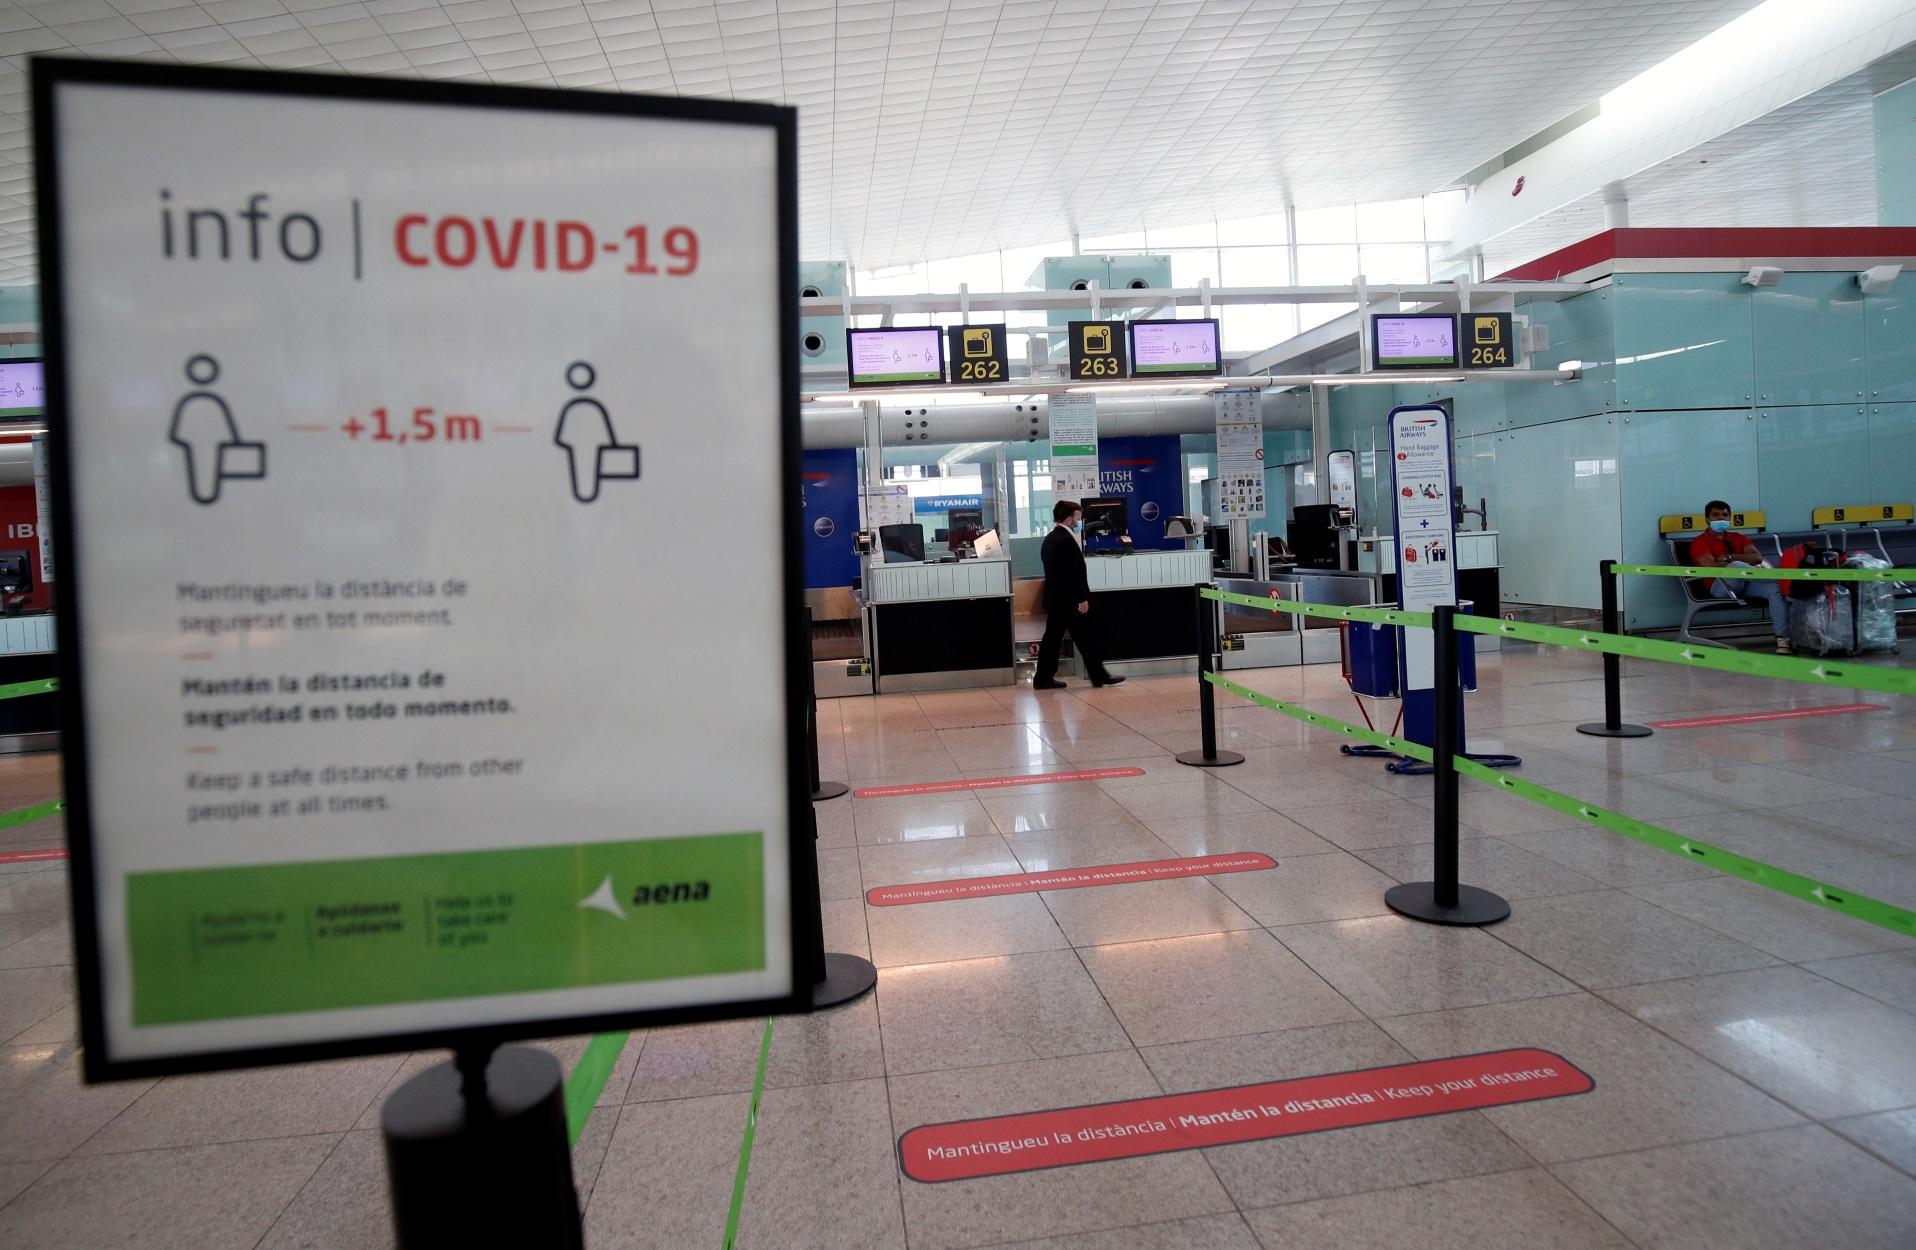 Ισπανία: Παραμένει ψύχραιμη παρά το ταξιδιωτικό μπλόκο της TUI